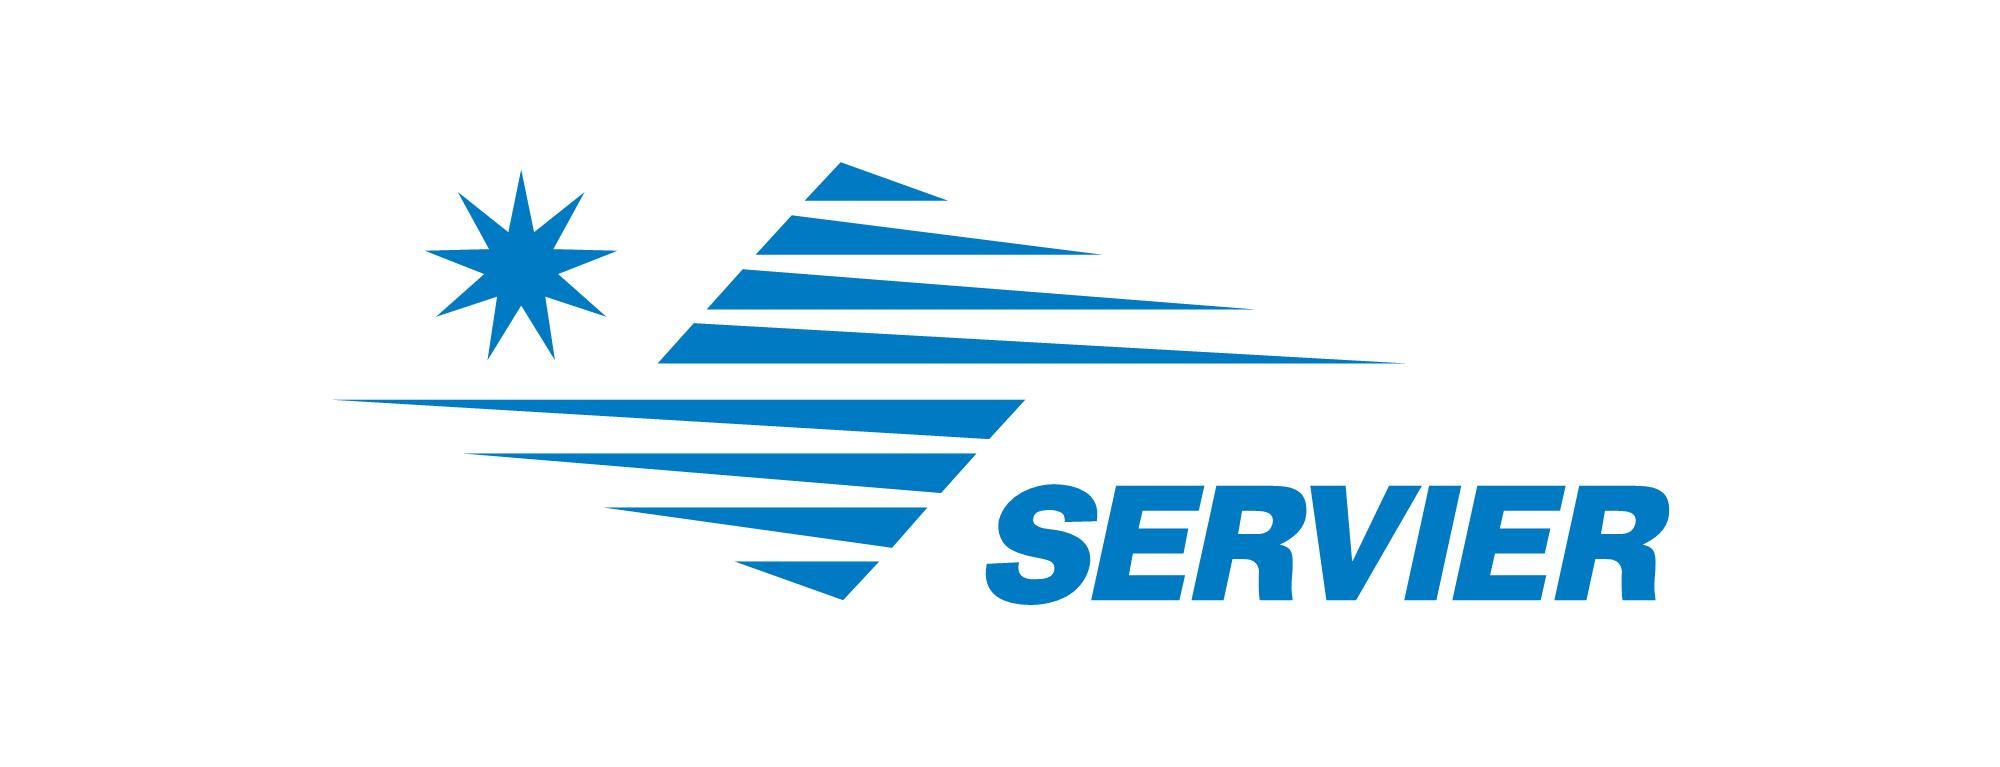 klient-wooacademy-servier-logo